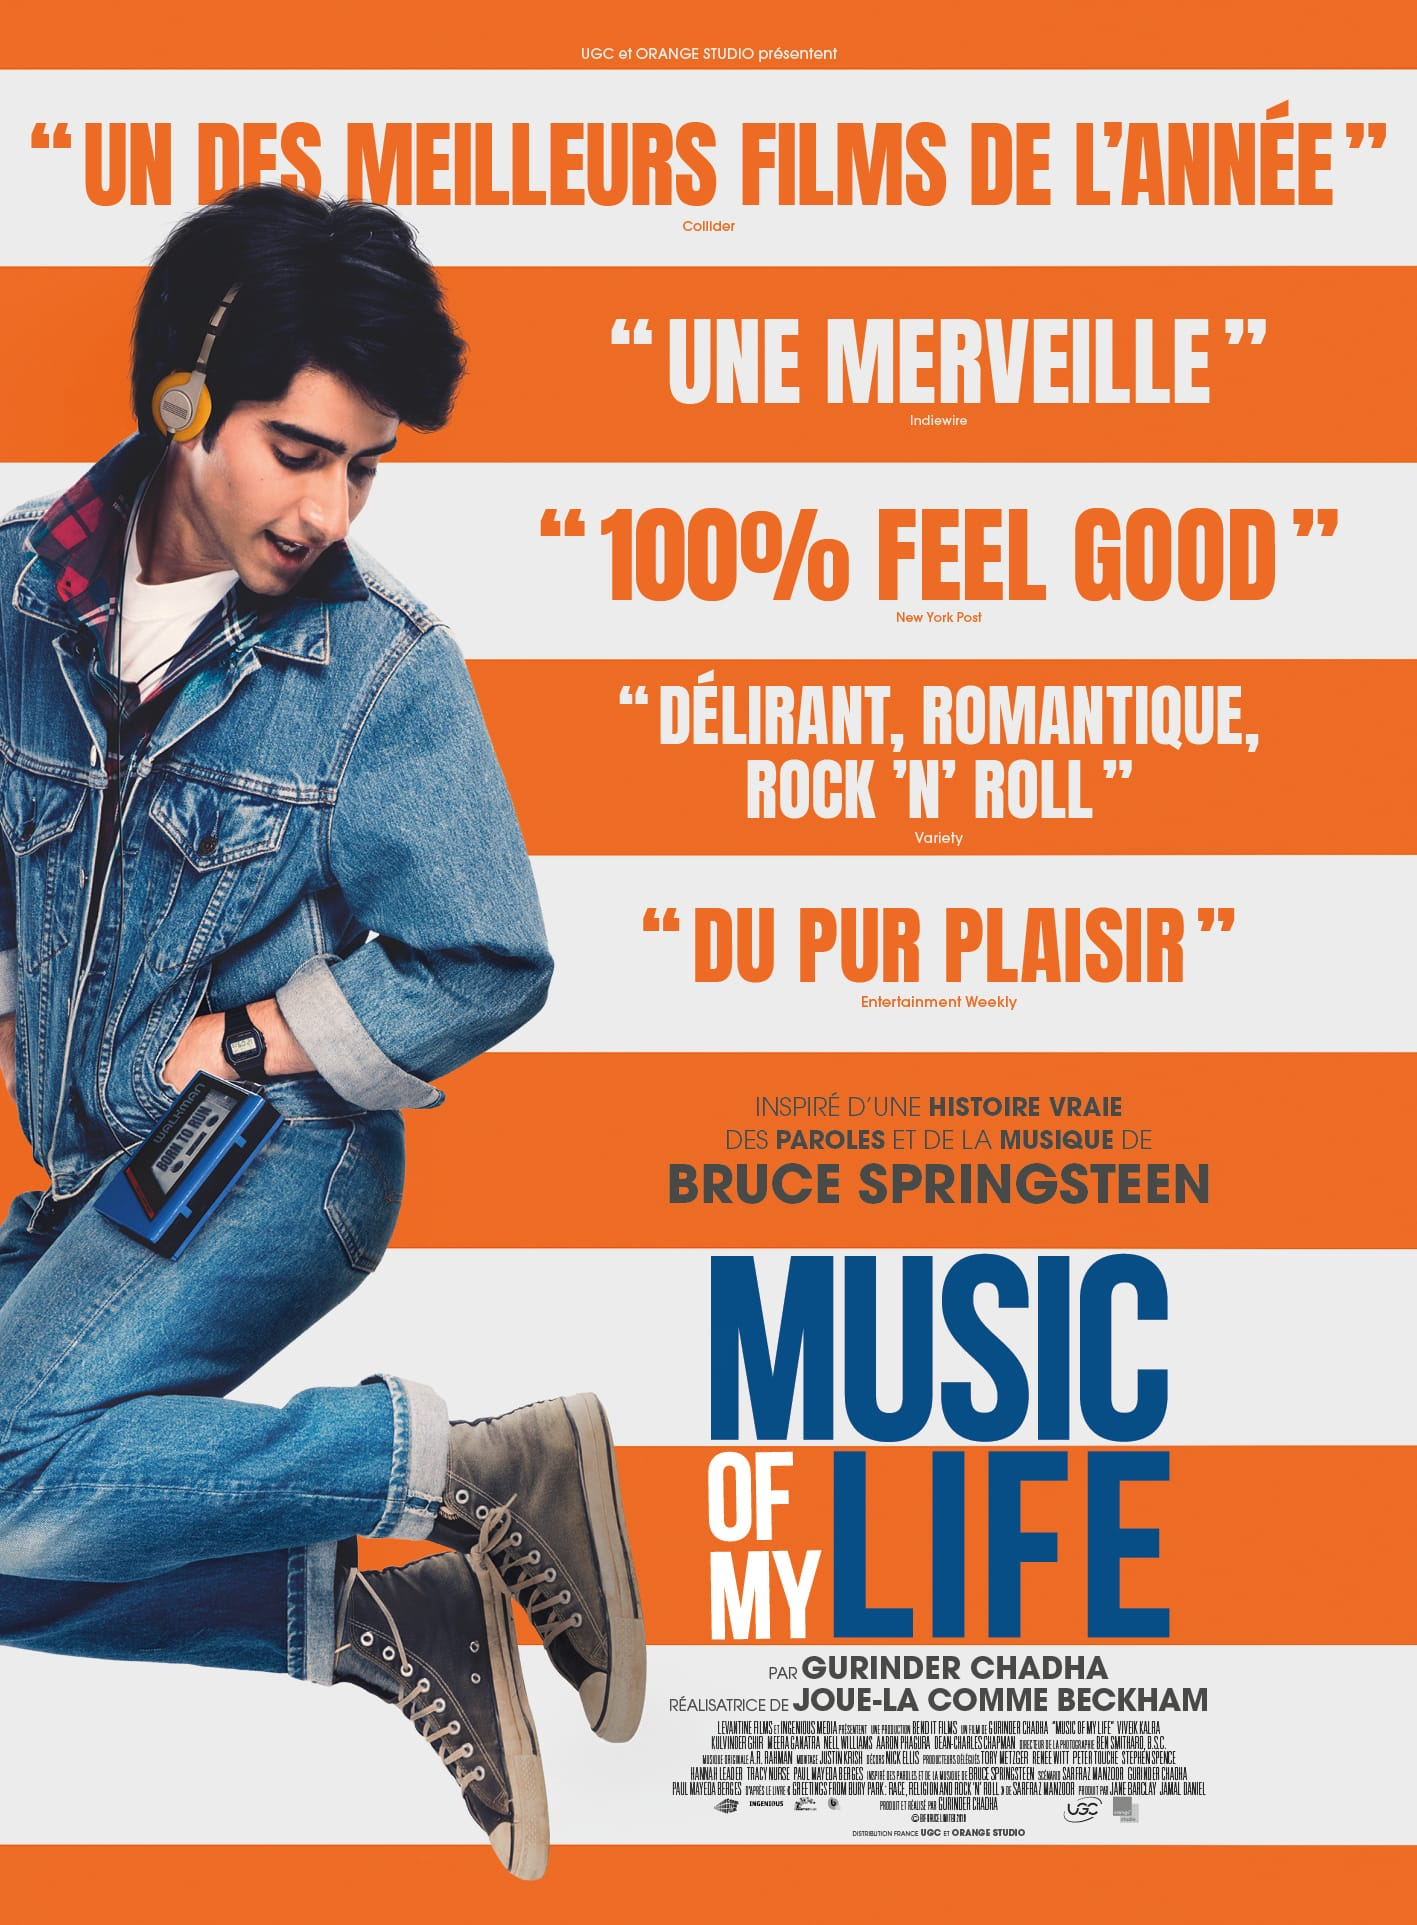 MUSIC OF MY LIFE de Gurinder Chadha affiche film cinéma